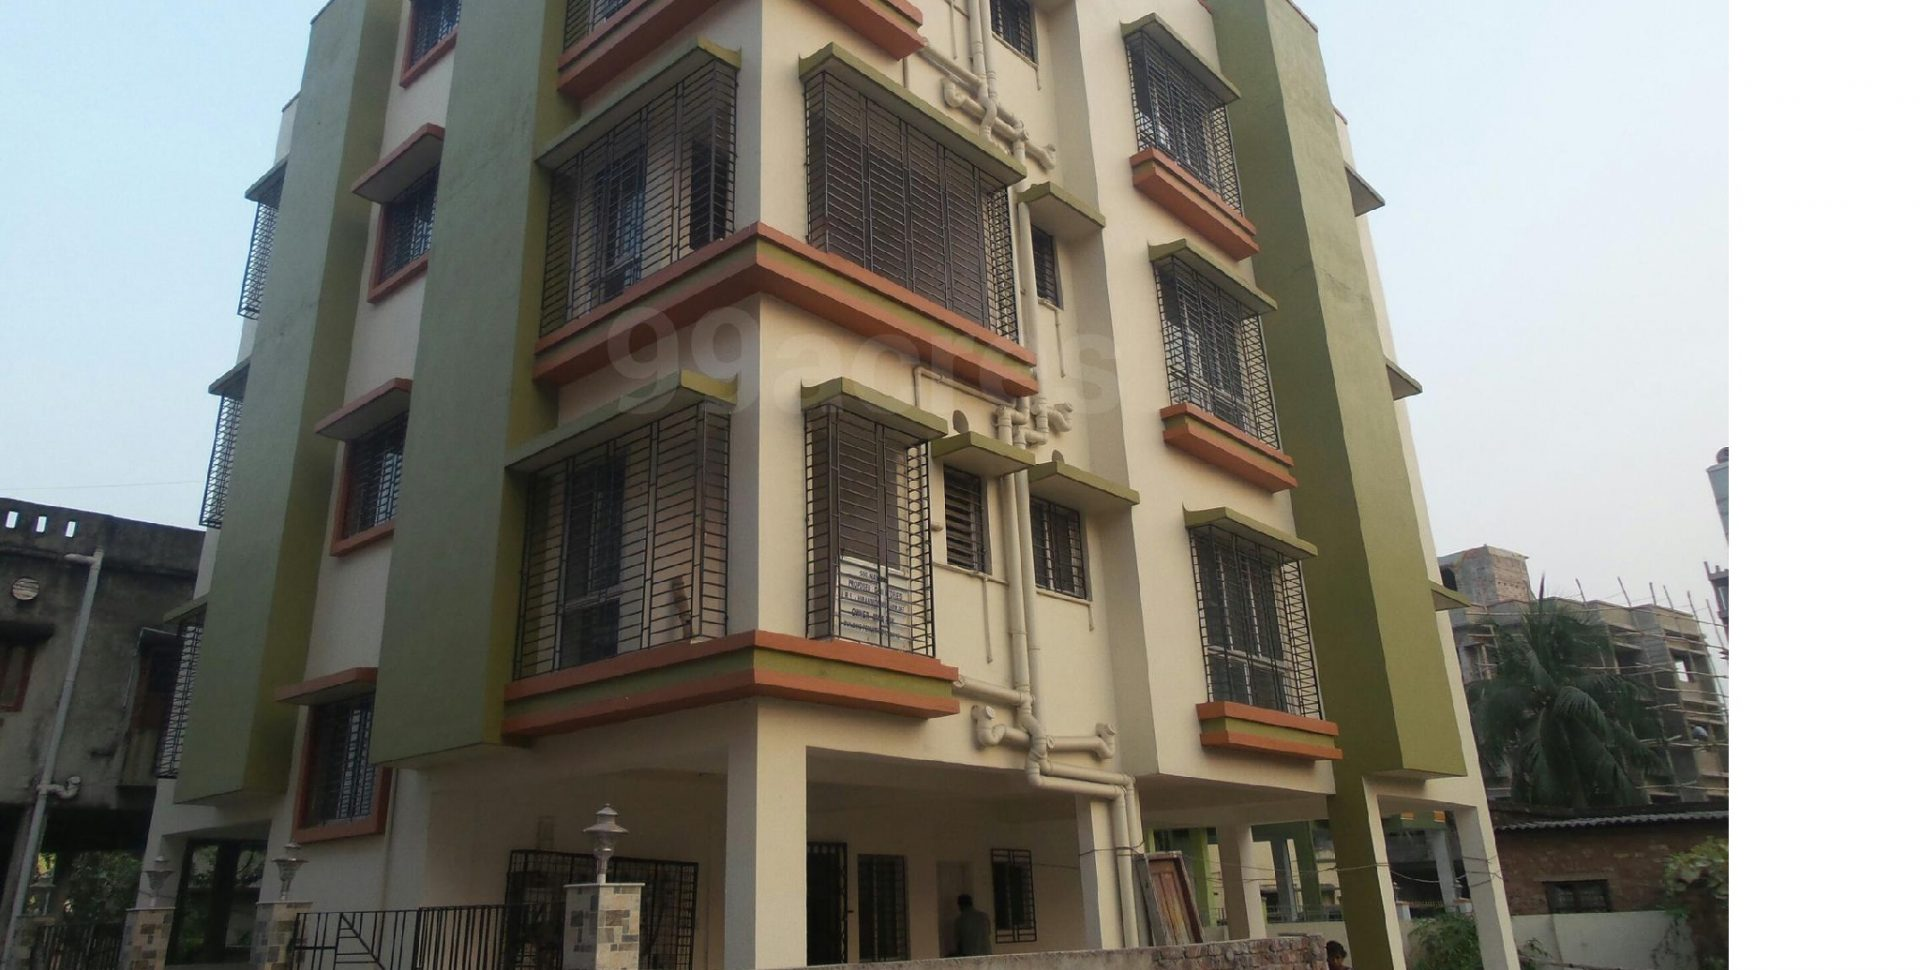 Flat near Devi Shetty Hospital, Naybad